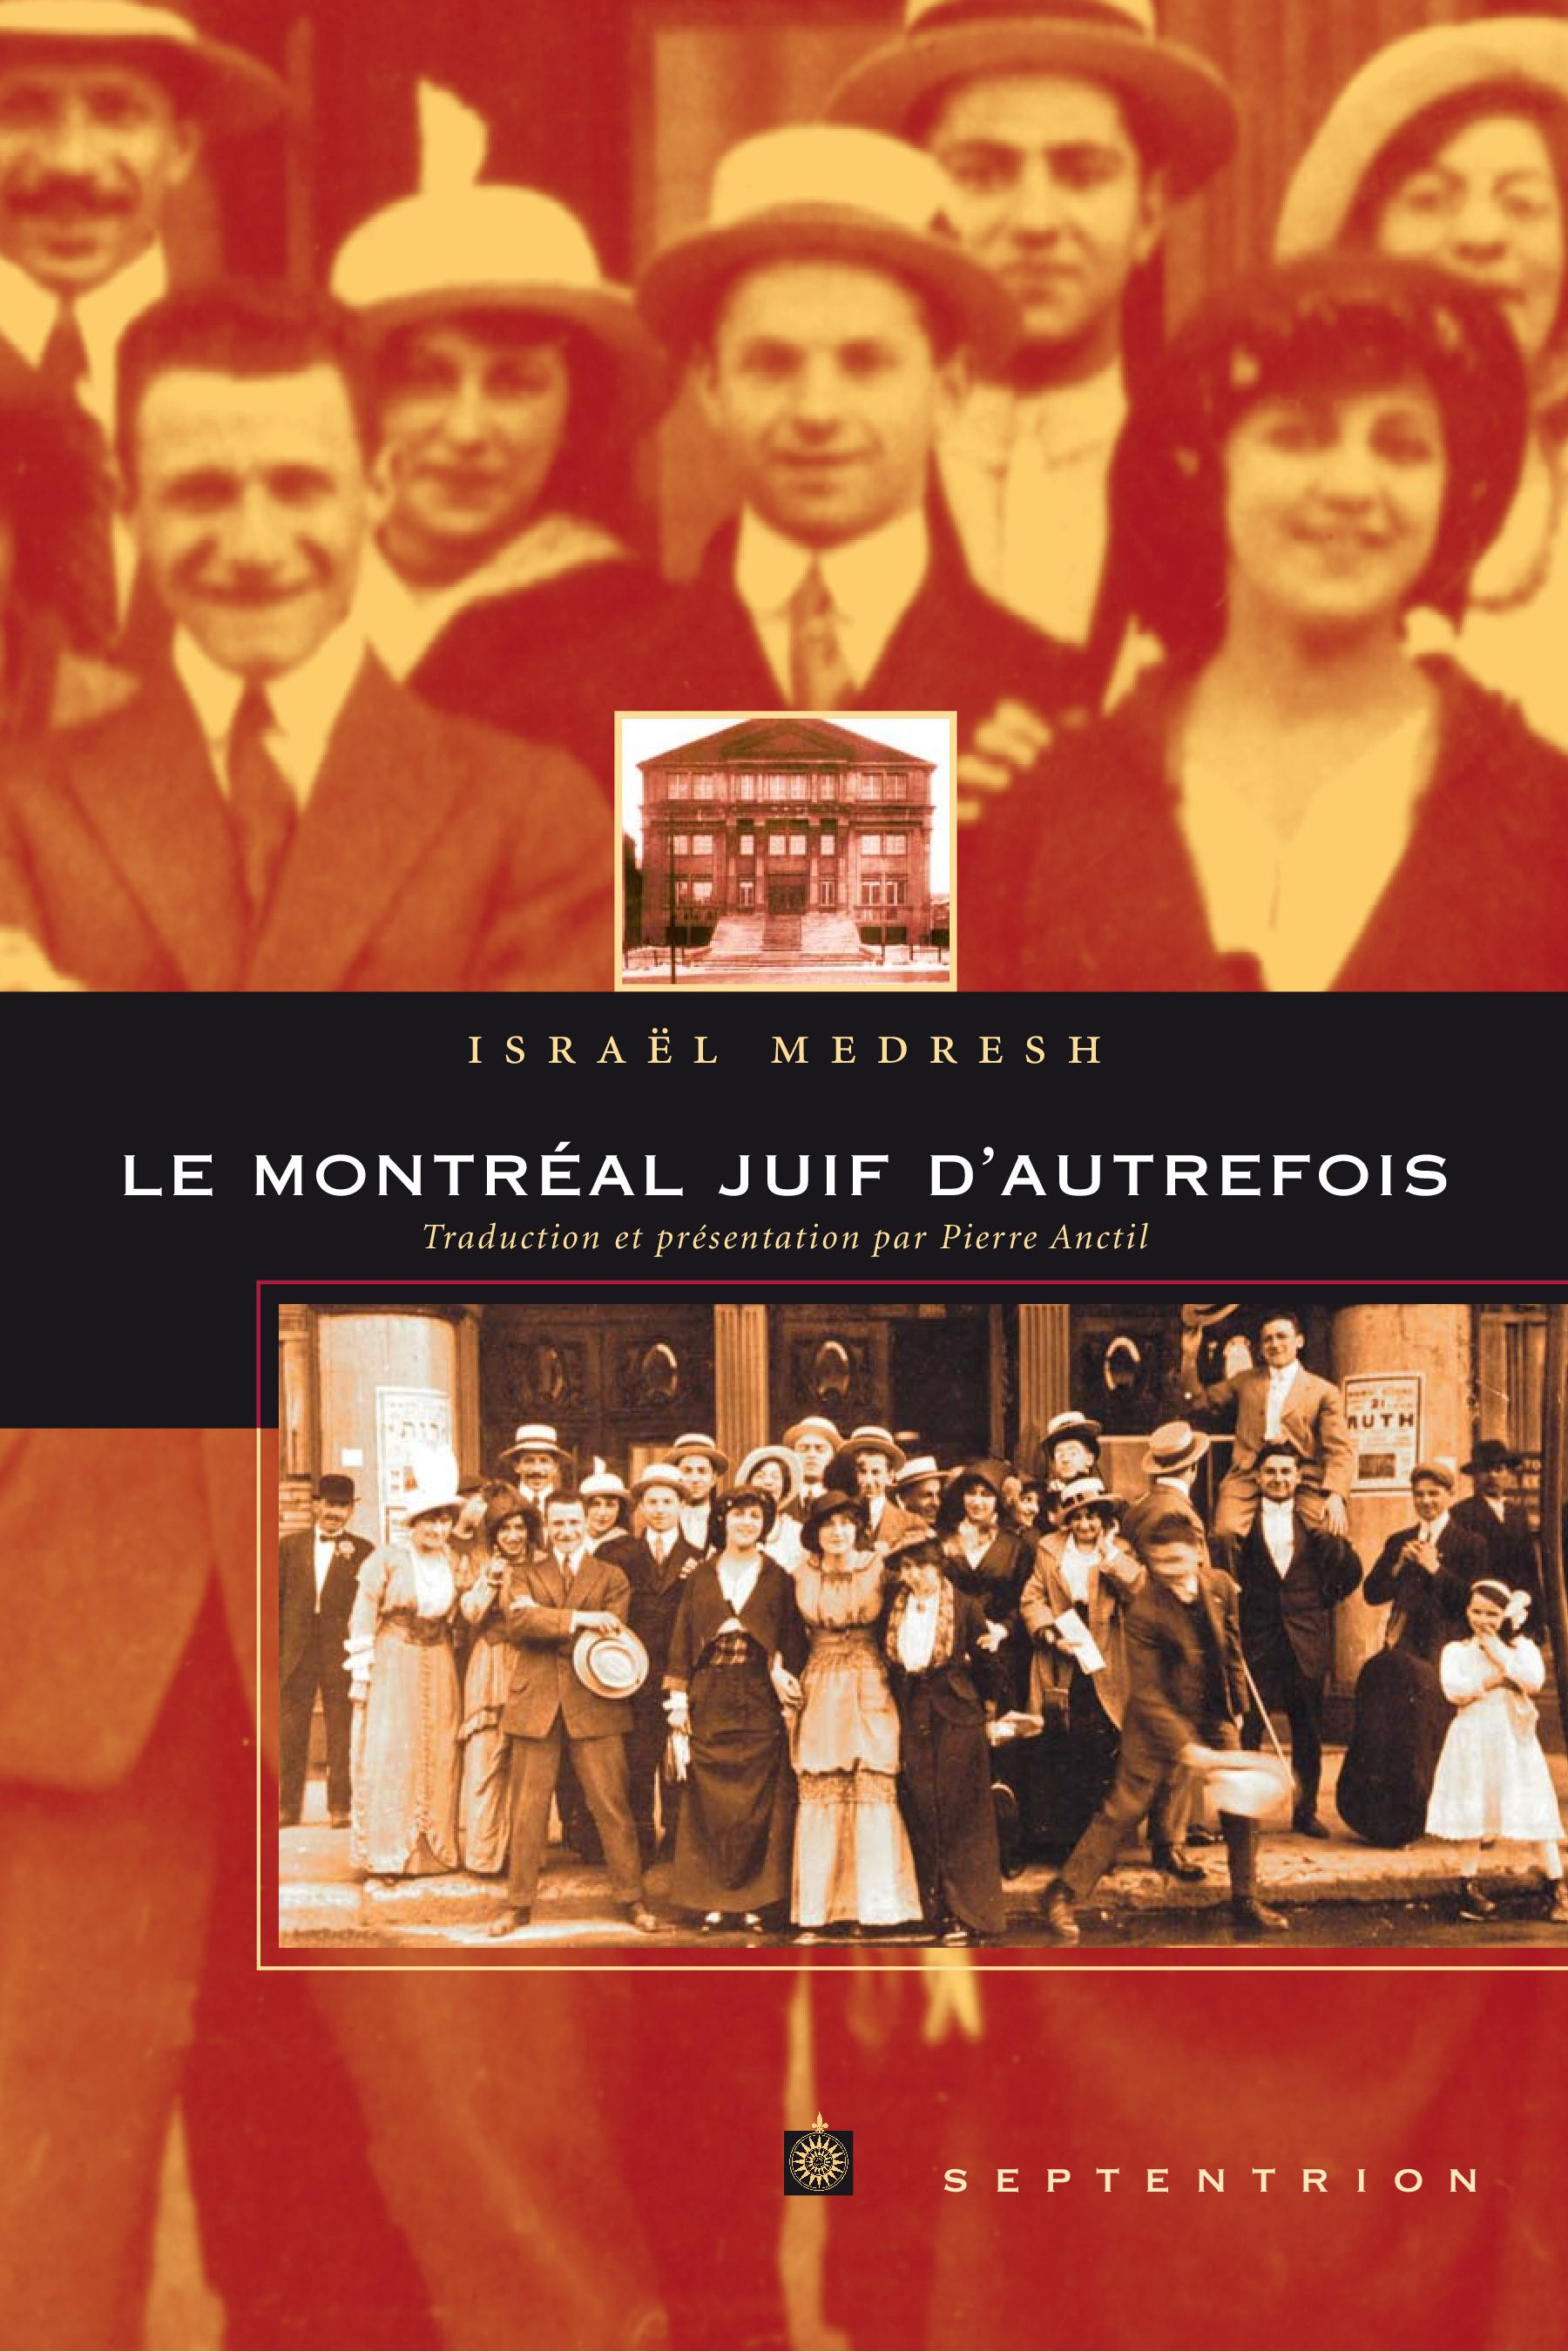 Le Montréal juif d'autrefois